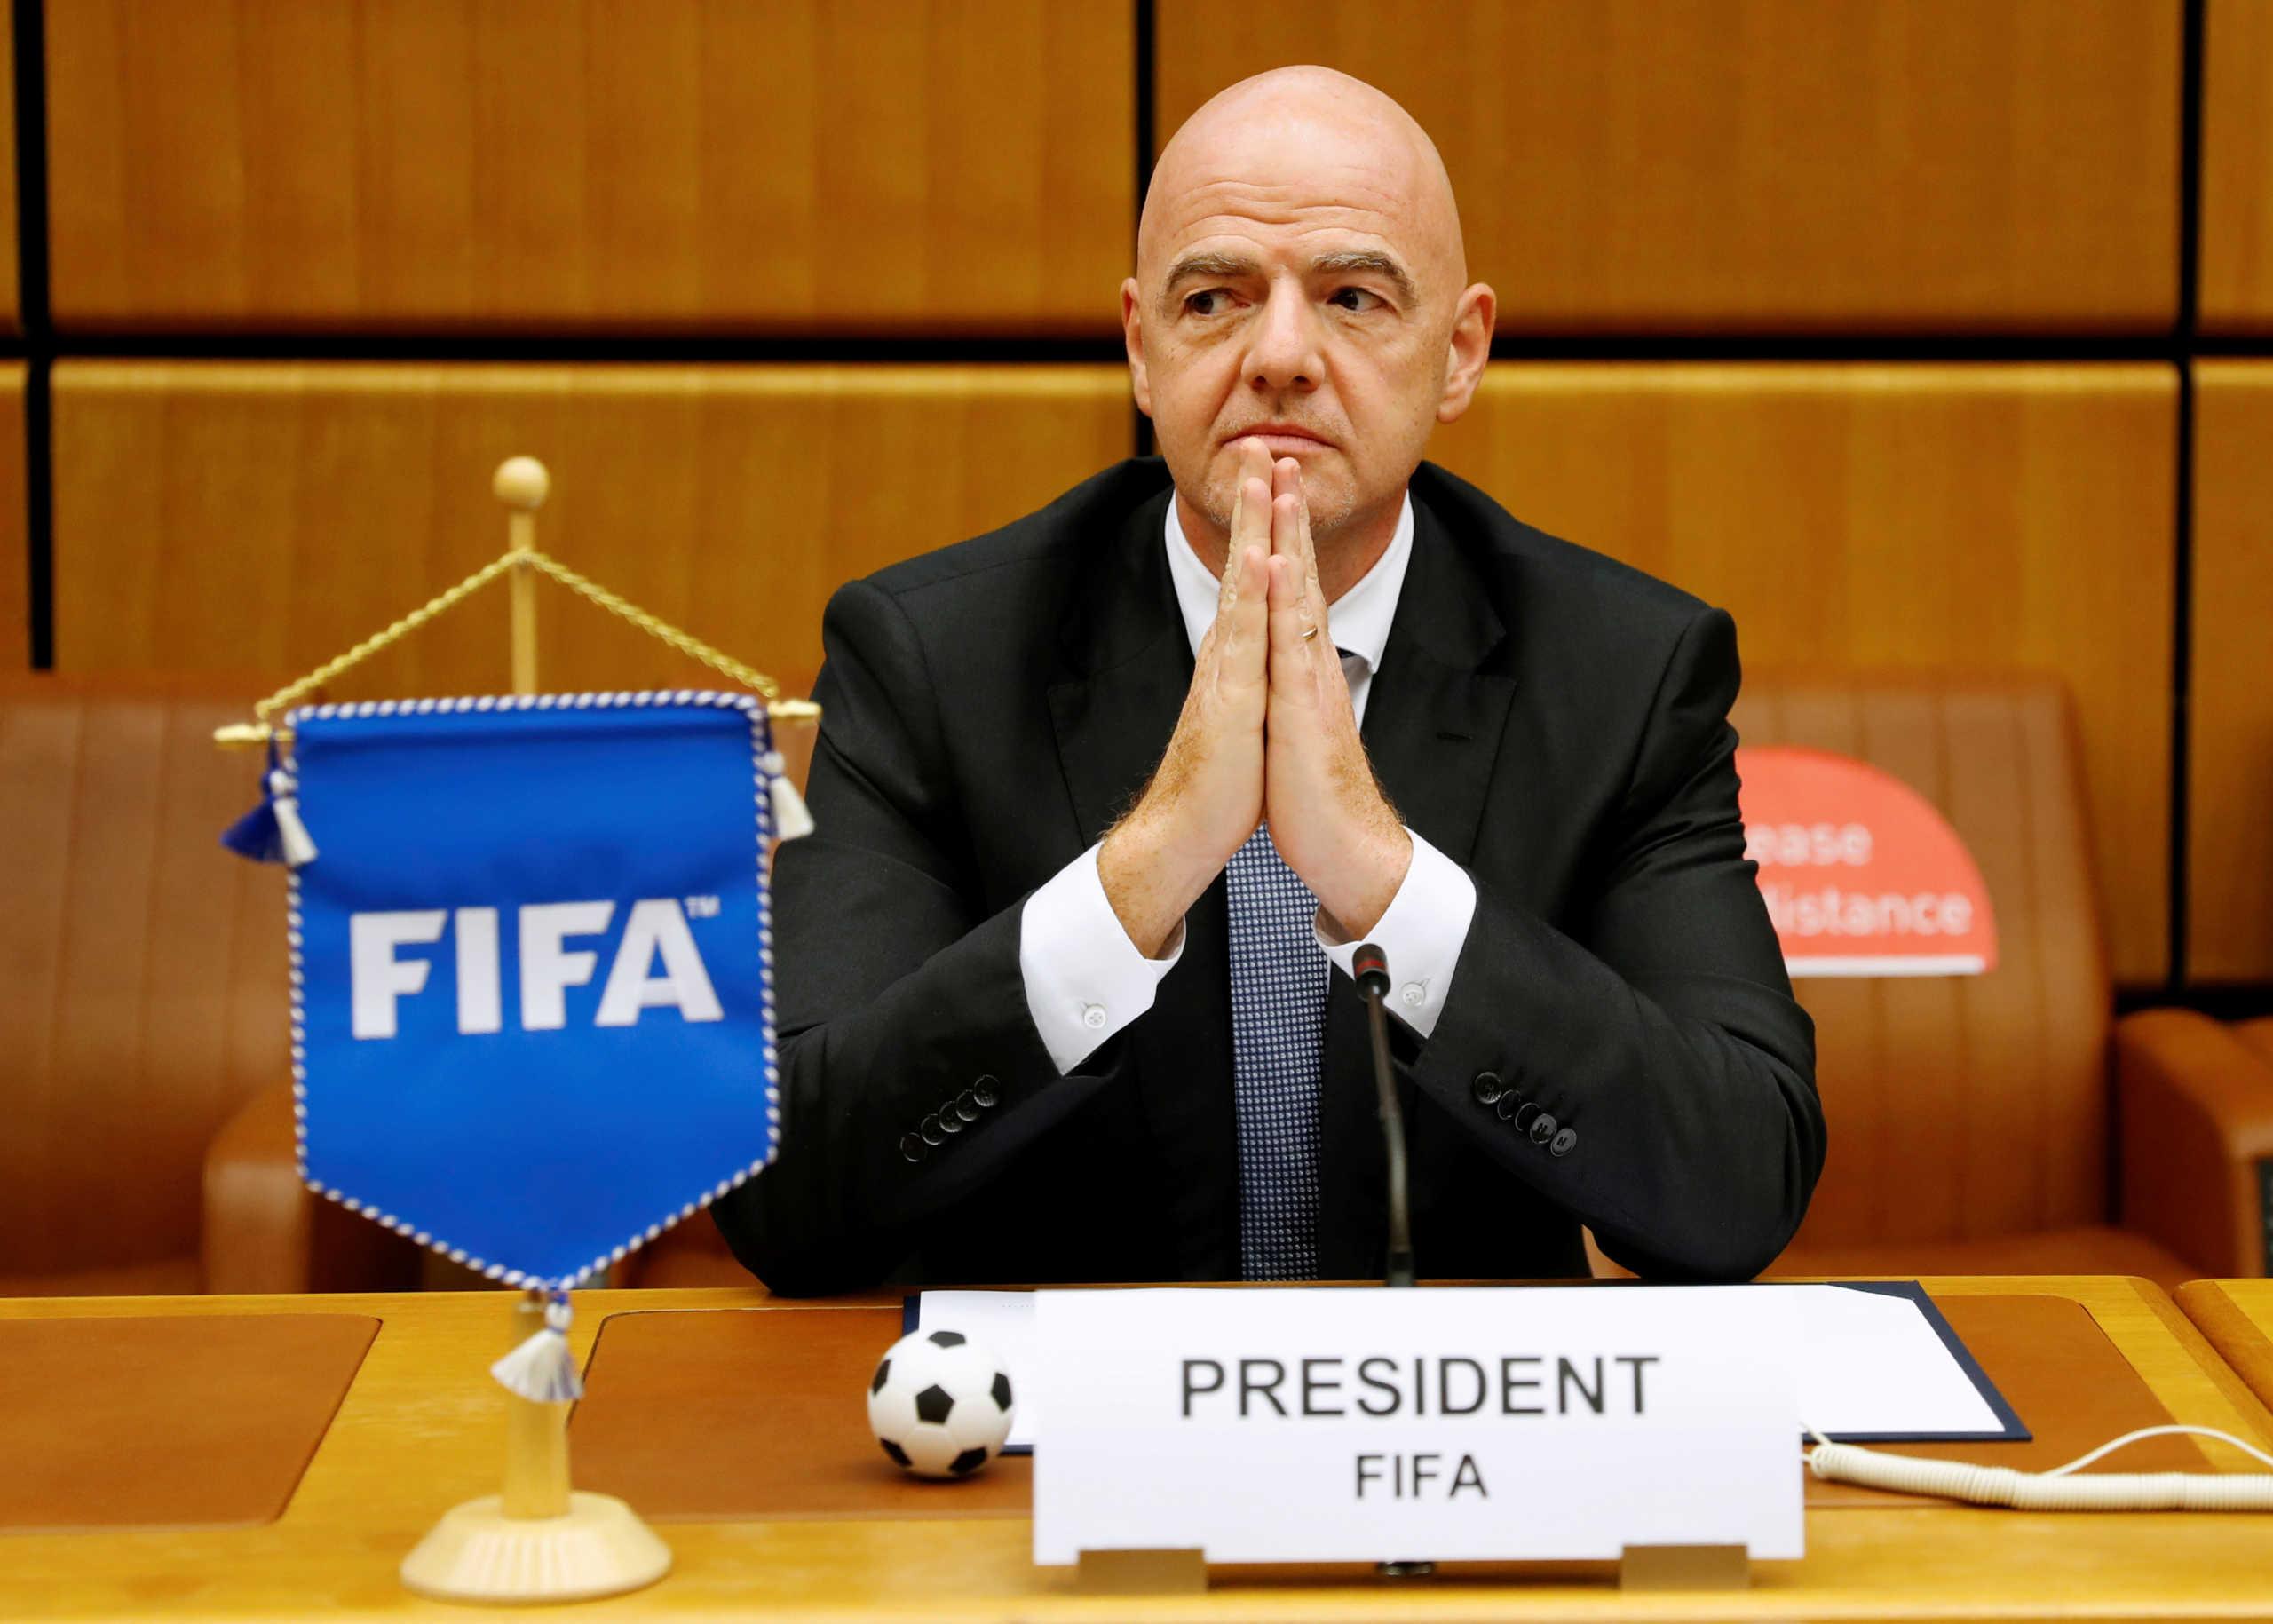 Ινφαντίνο: Θετικός στον κορονοϊό ο πρόεδρος της FIFA